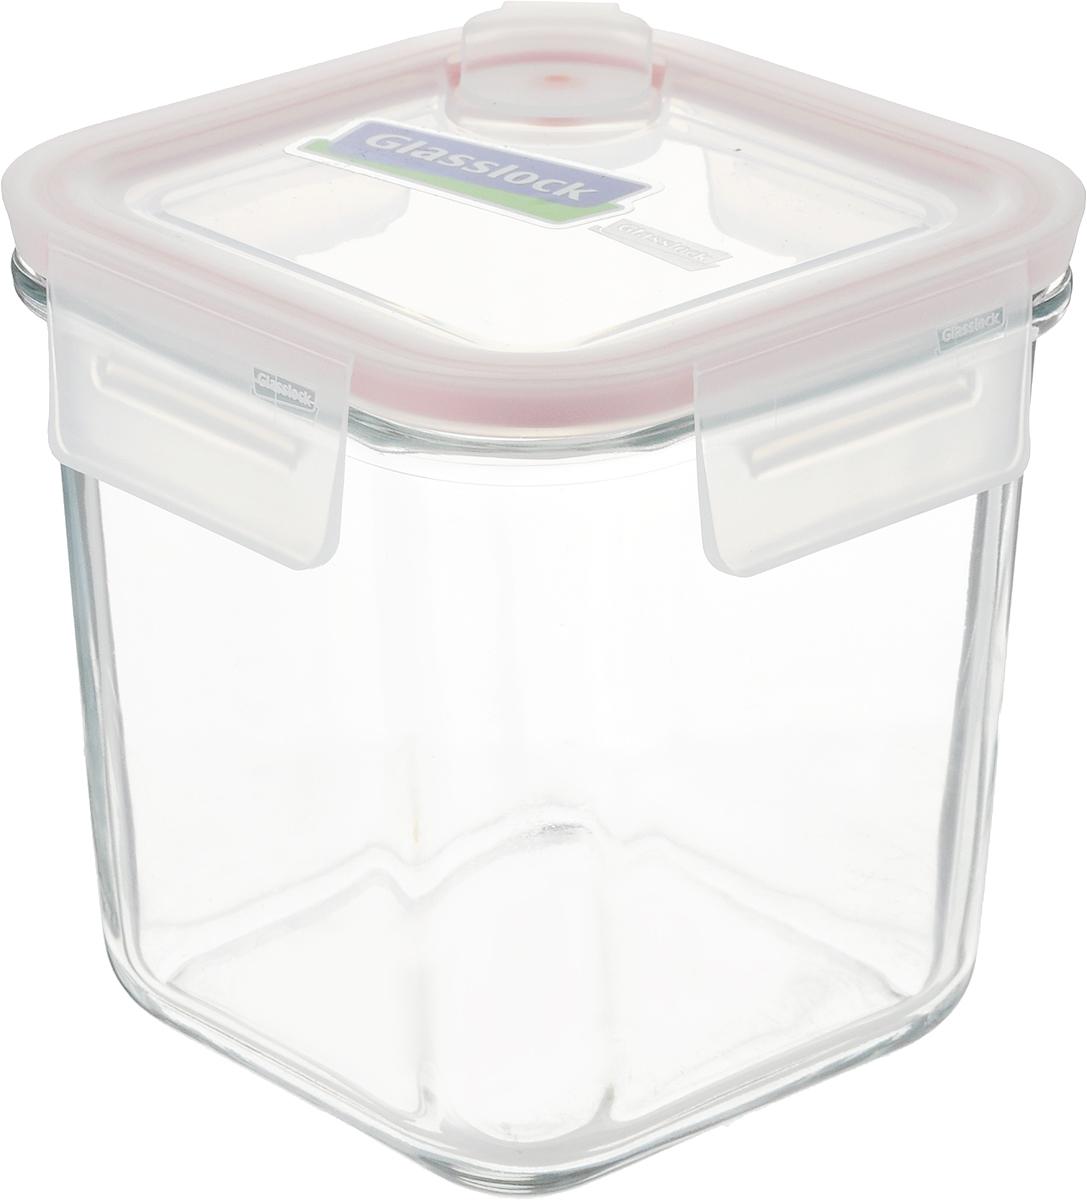 Контейнер Glasslock, квадратный, цвет: прозрачный, 920 млMCSD-092AСтеклянный высокий контейнер для хранения с герметичной крышкой с креплениями Glasslock, 920 мл.Для хранения в холодильнике, транспортировки, разогрева в микроволновой печи. Для хранения сухофруктов и бакалеи. 100% герметичность и защита продукта от влаги, посторонних запахов, плесени, насекомых. Пластиковая крышка с фиксаторами.